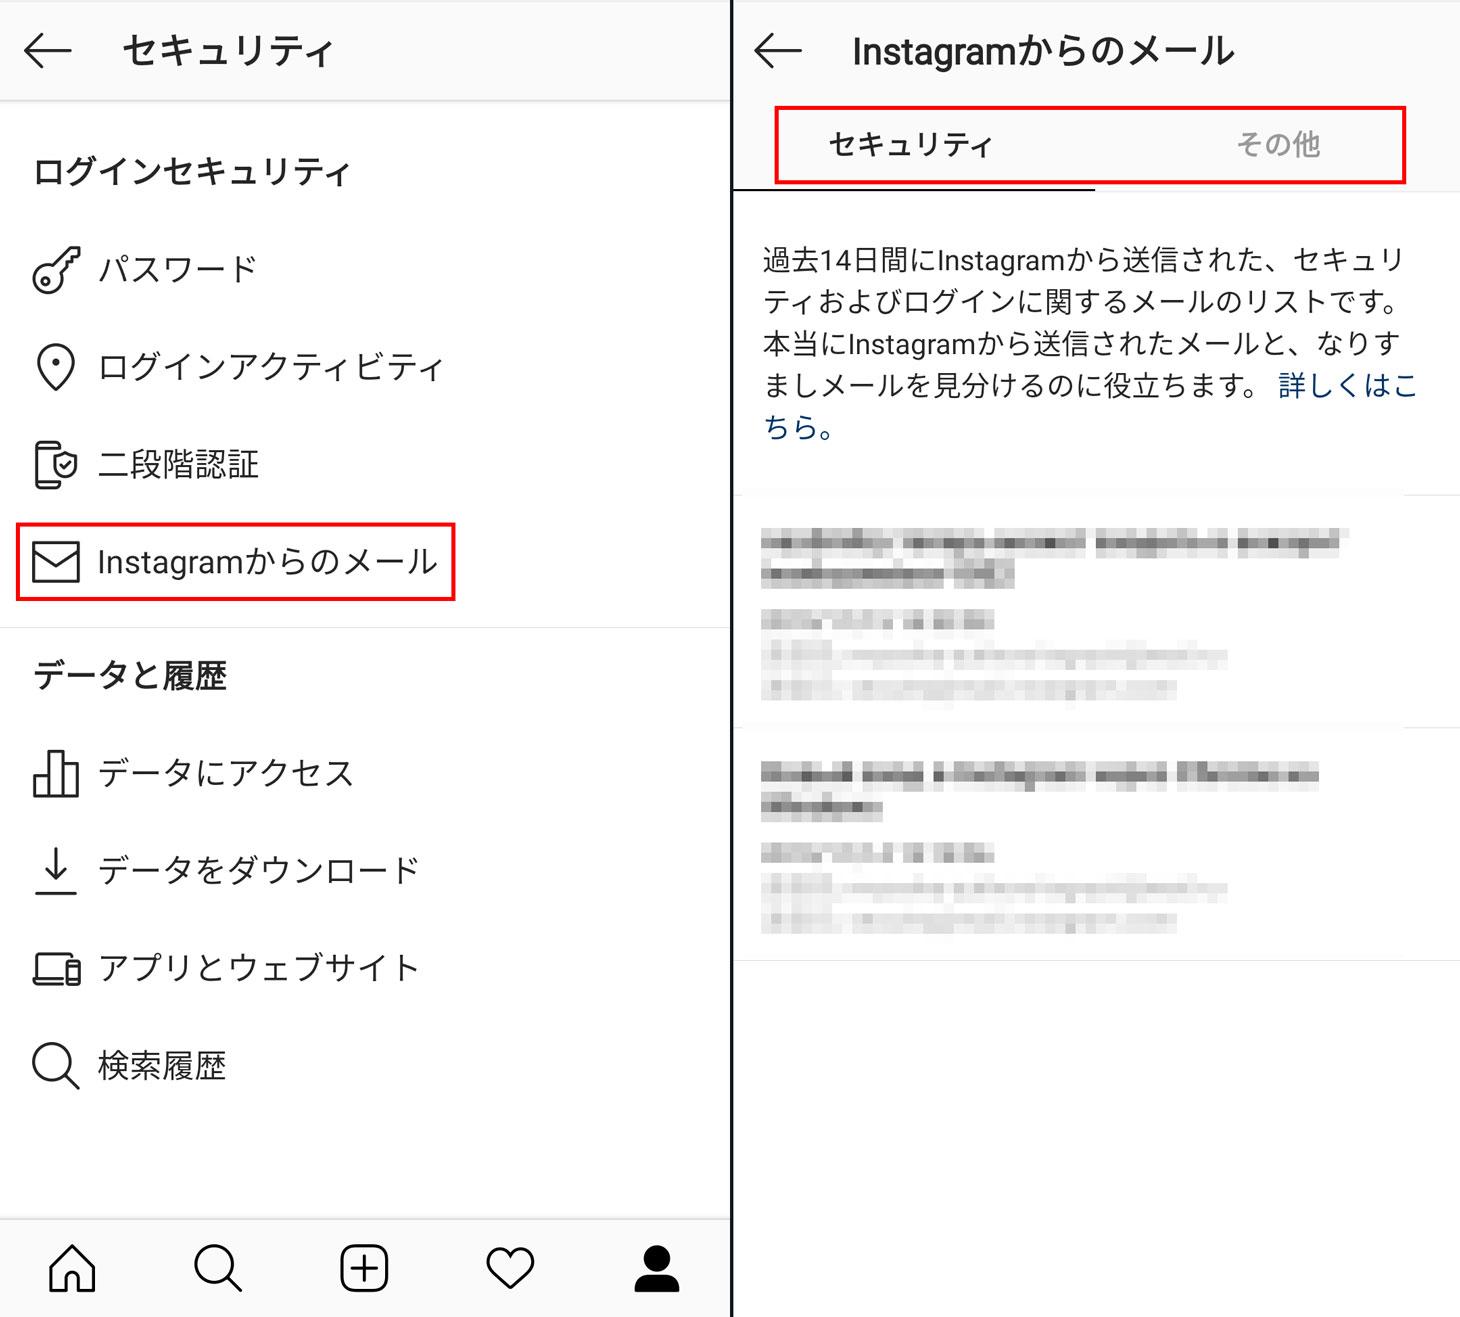 Instagramから受信したメールが本物かどうかをアプリ内で確認する方法